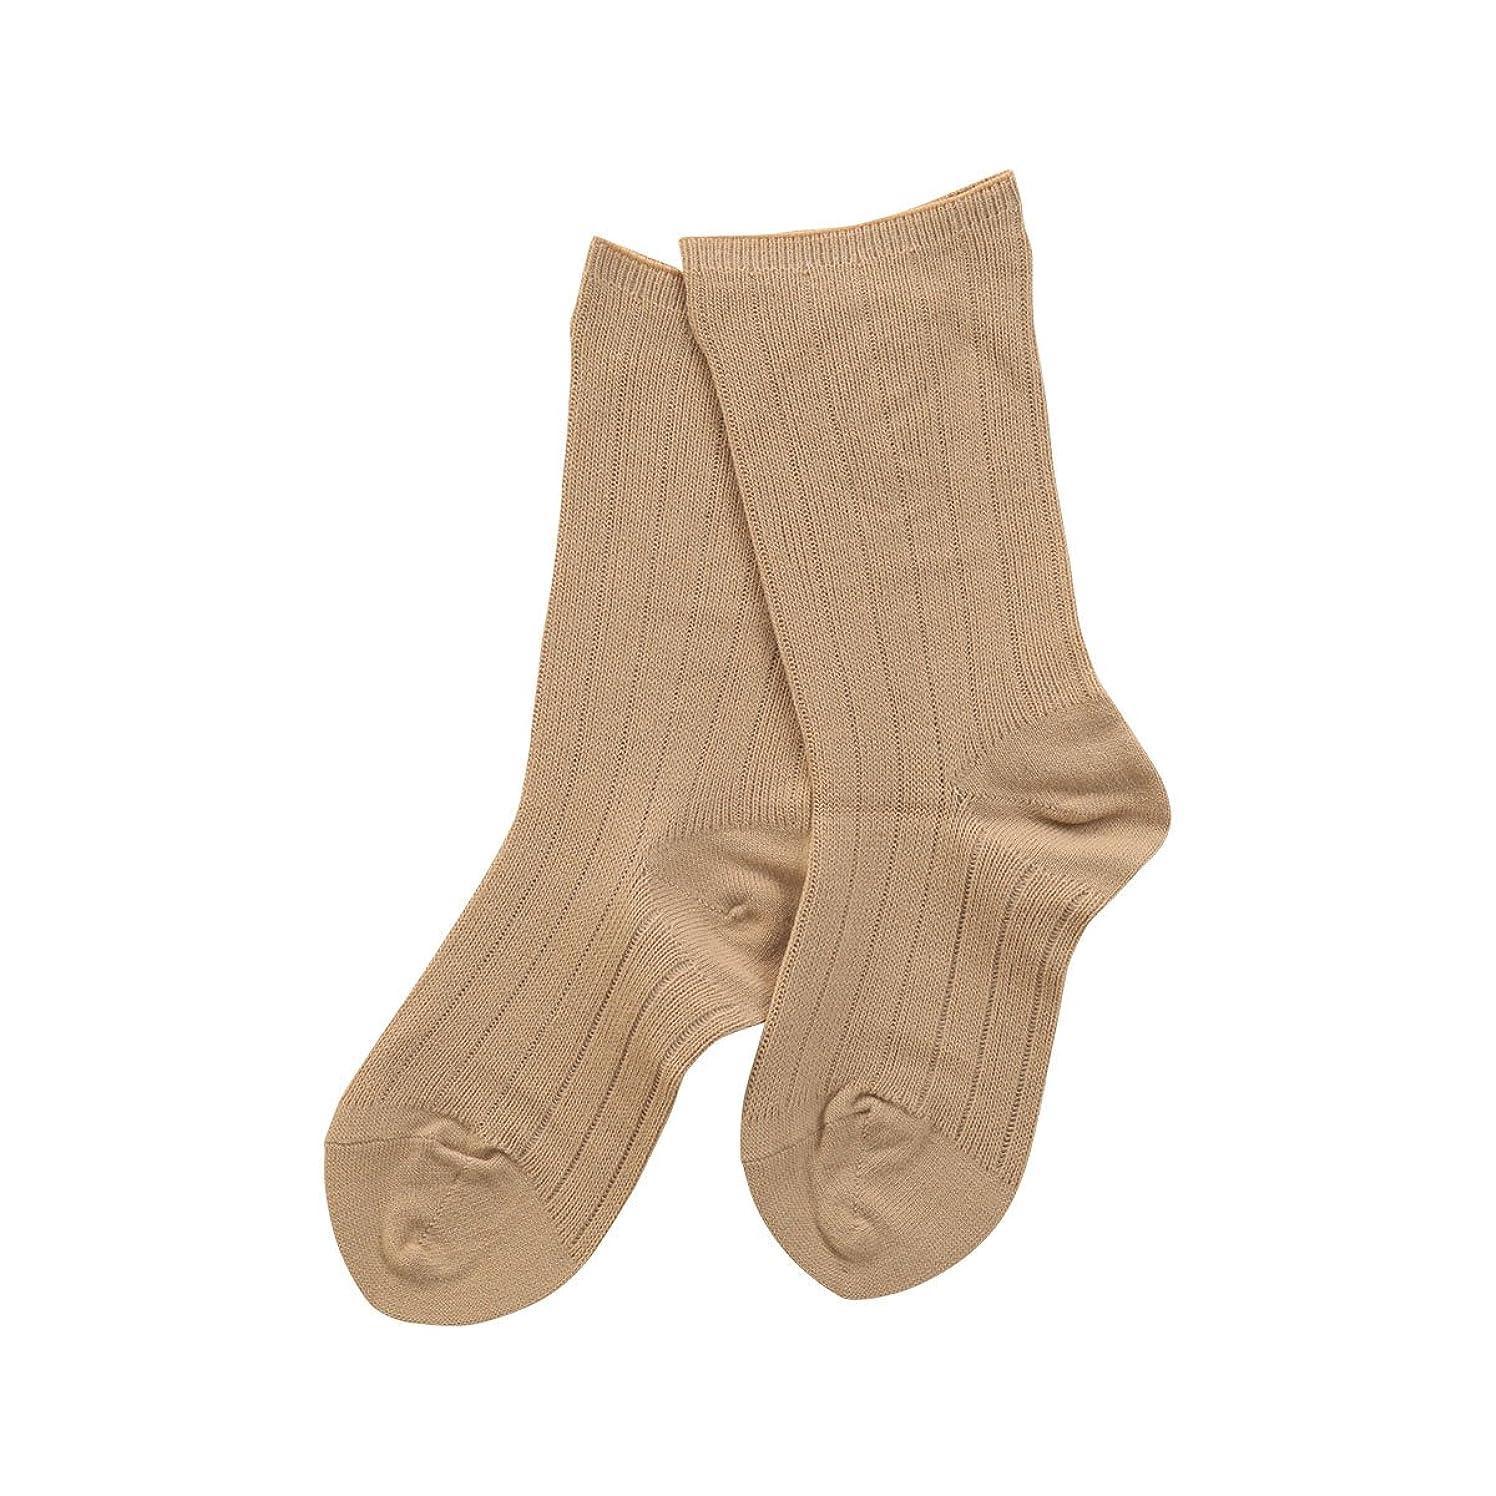 ブース請求可能限り(コベス) KOBES ゴムなし 毛混 超ゆったり靴下 日本製 婦人靴下